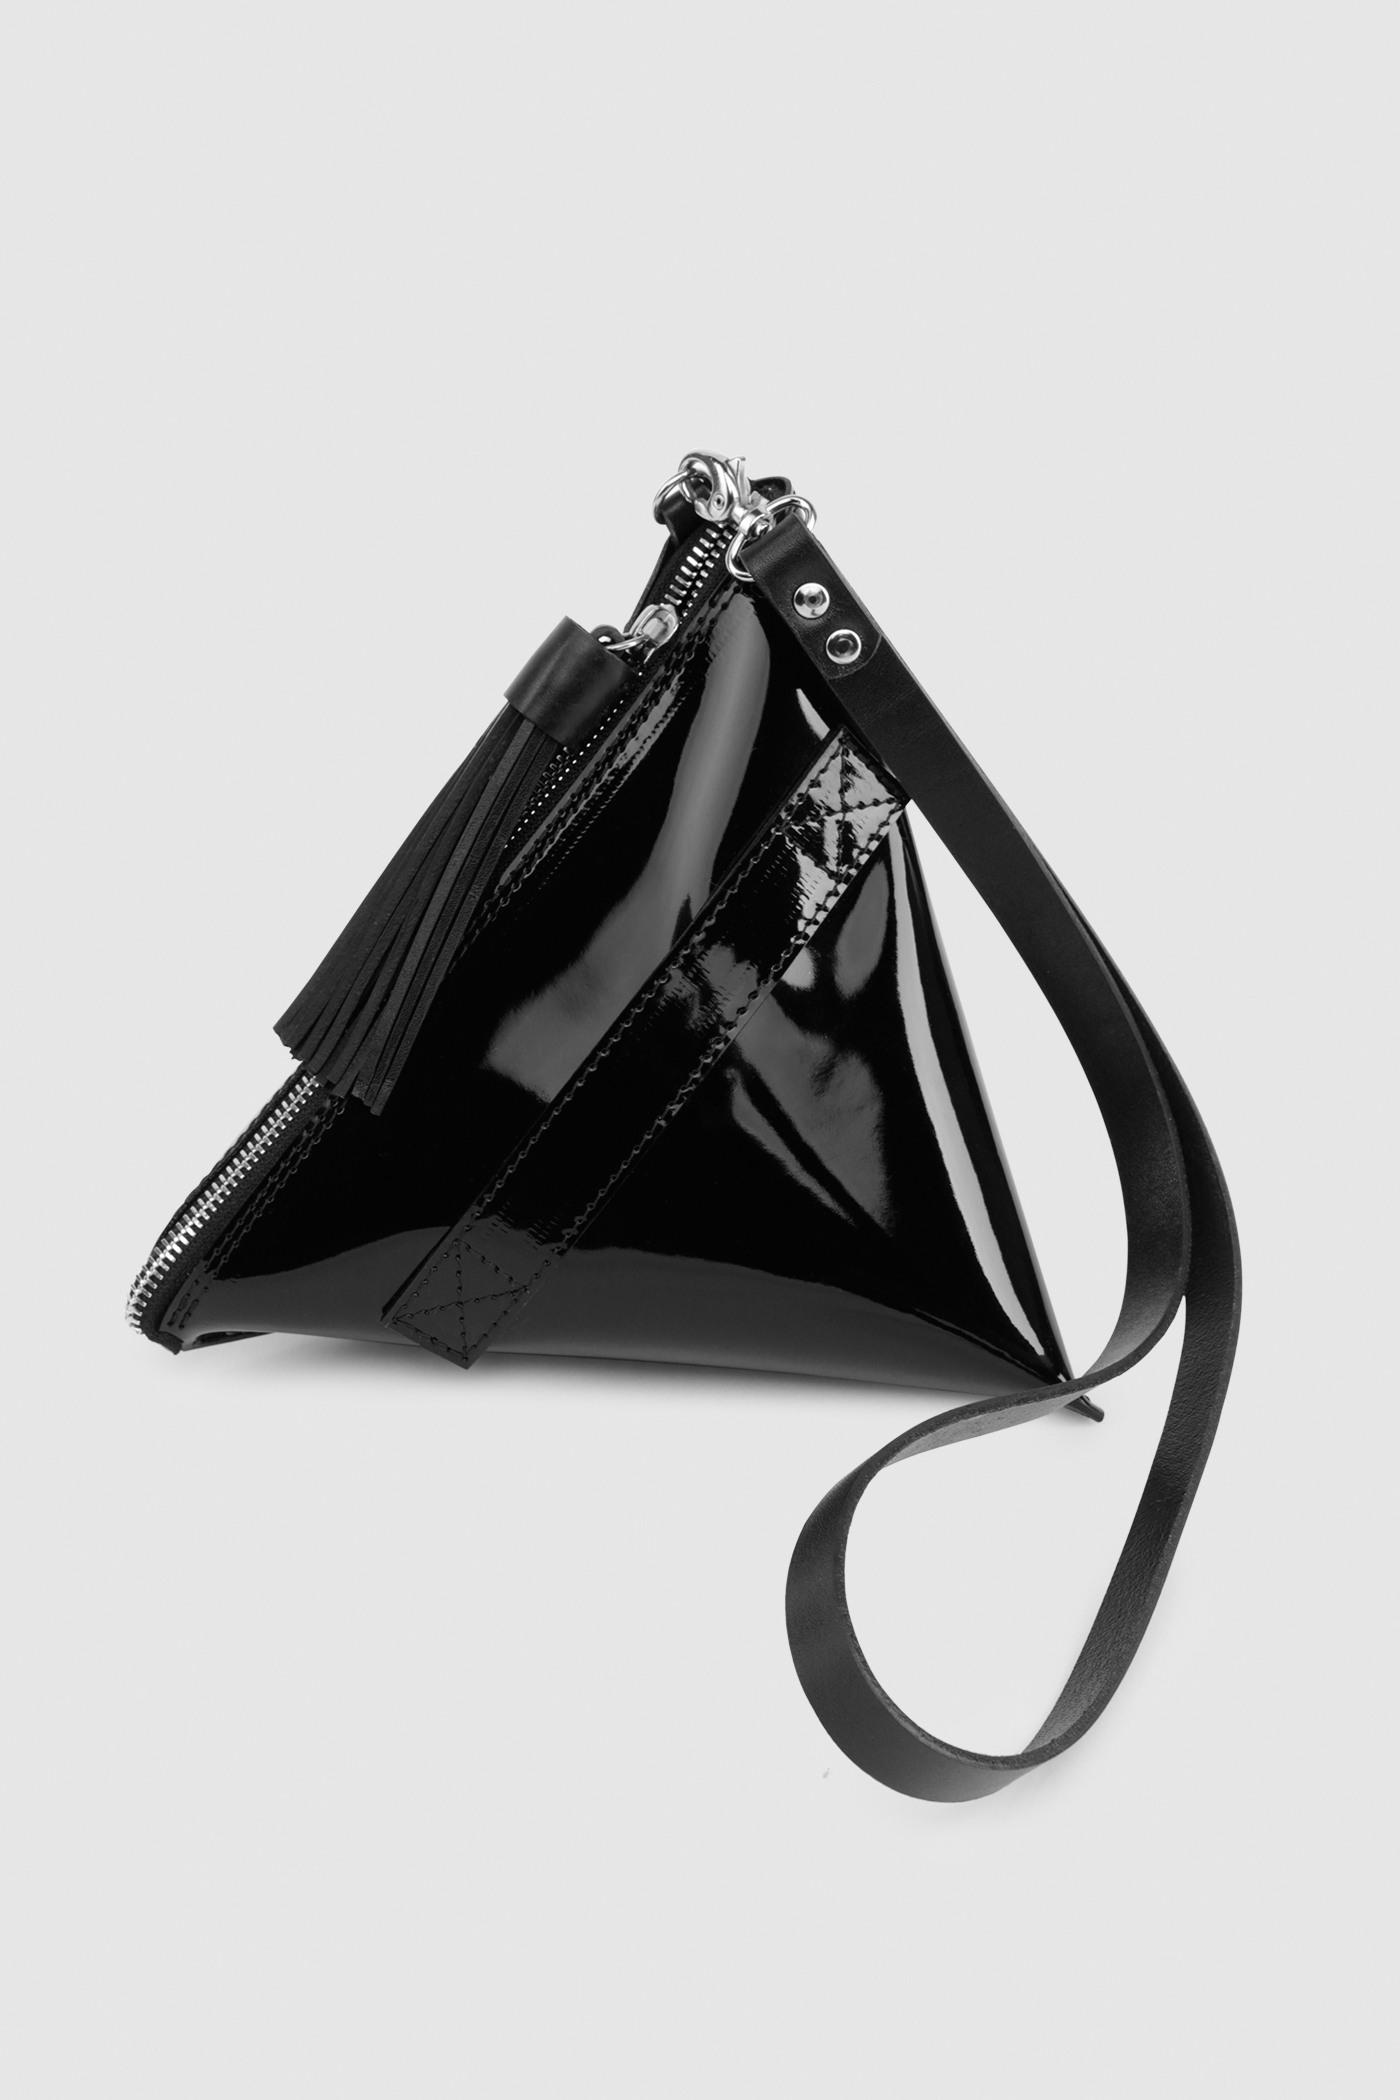 Сумка Milk-pack (S)Маленькая сумка в форме молочного пакета&#13;<br>&#13;<br>&#13;<br>сделана из плотной кожи&#13;<br>&#13;<br>без подклада&#13;<br>&#13;<br>застежка-молния с декоративной кожаной кисточкой&#13;<br>&#13;<br>размер: 20х20 см<br><br>Цвет: Чёрный глянец, Винный глянец